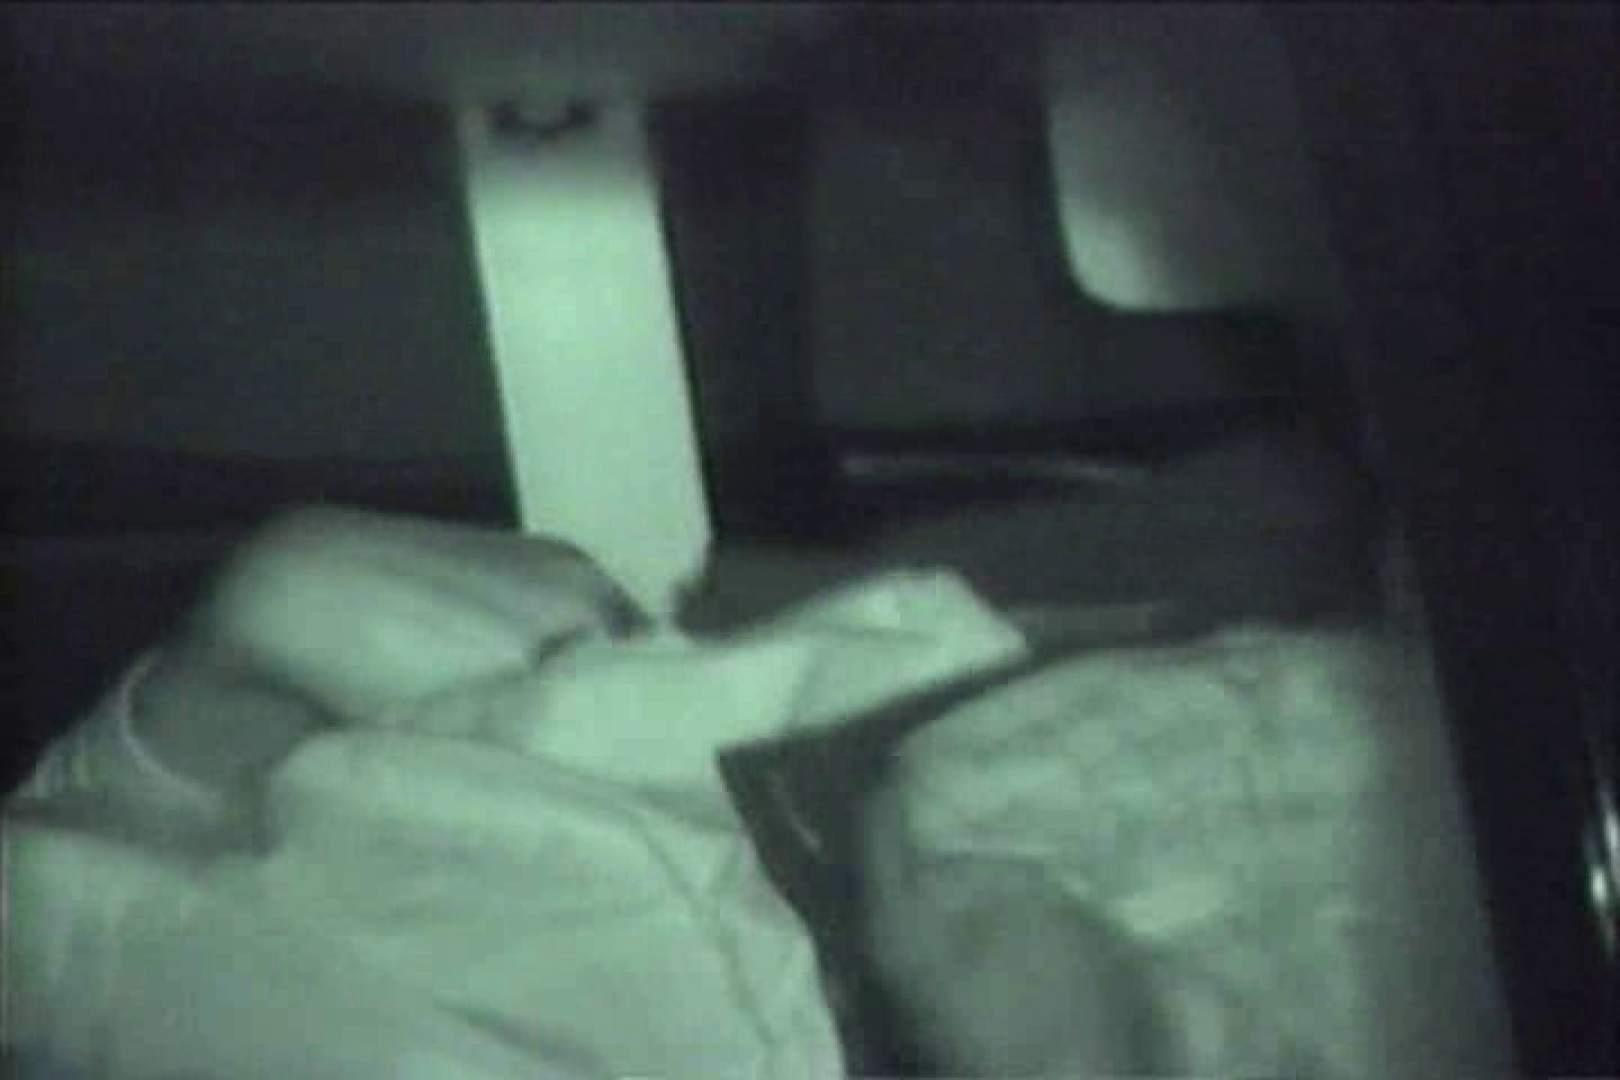 車の中はラブホテル 無修正版  Vol.17 ラブホテル アダルト動画キャプチャ 104連発 11